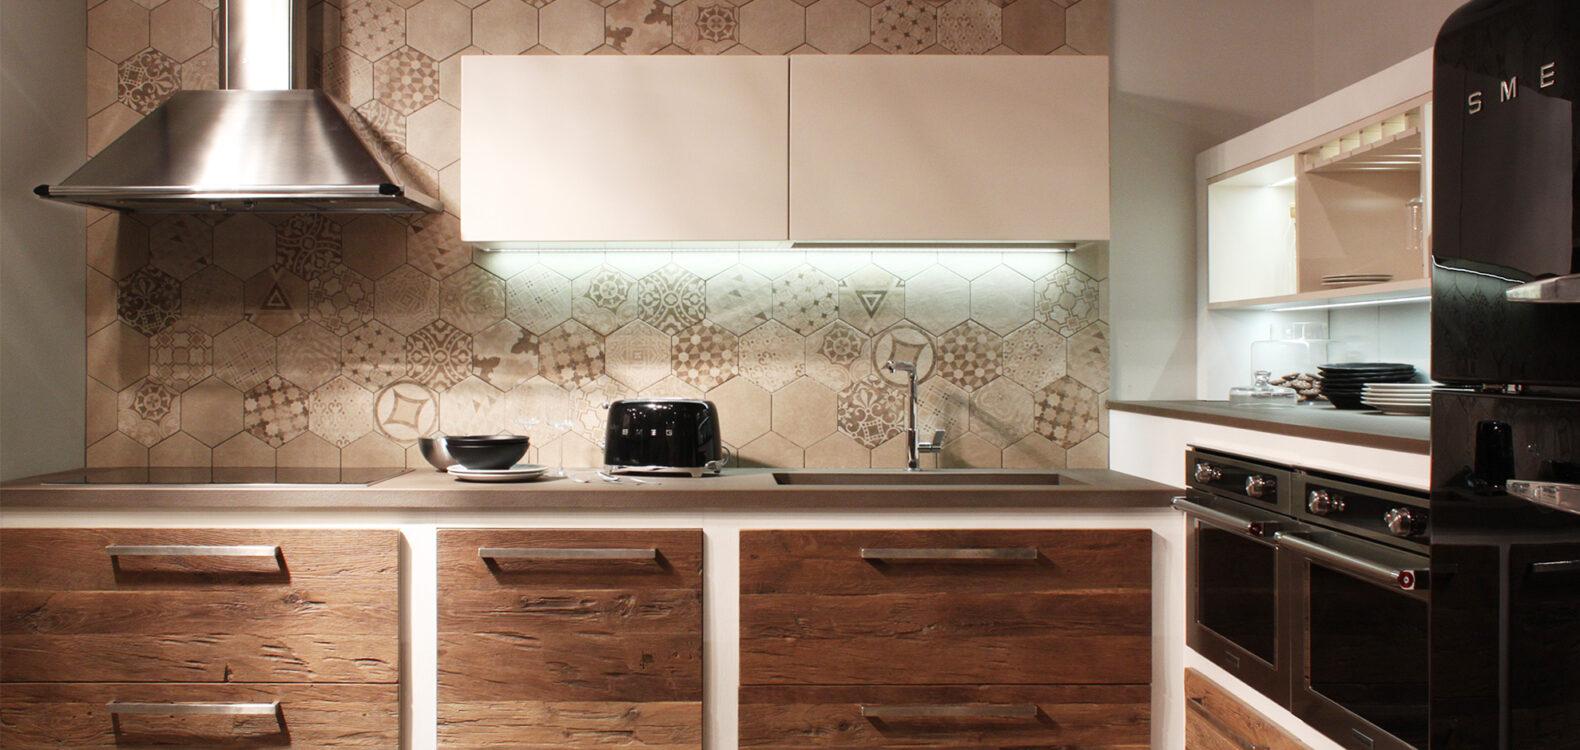 Forno Cucina In Muratura cucina in muratura moderna: cucina mater - l'artigiano